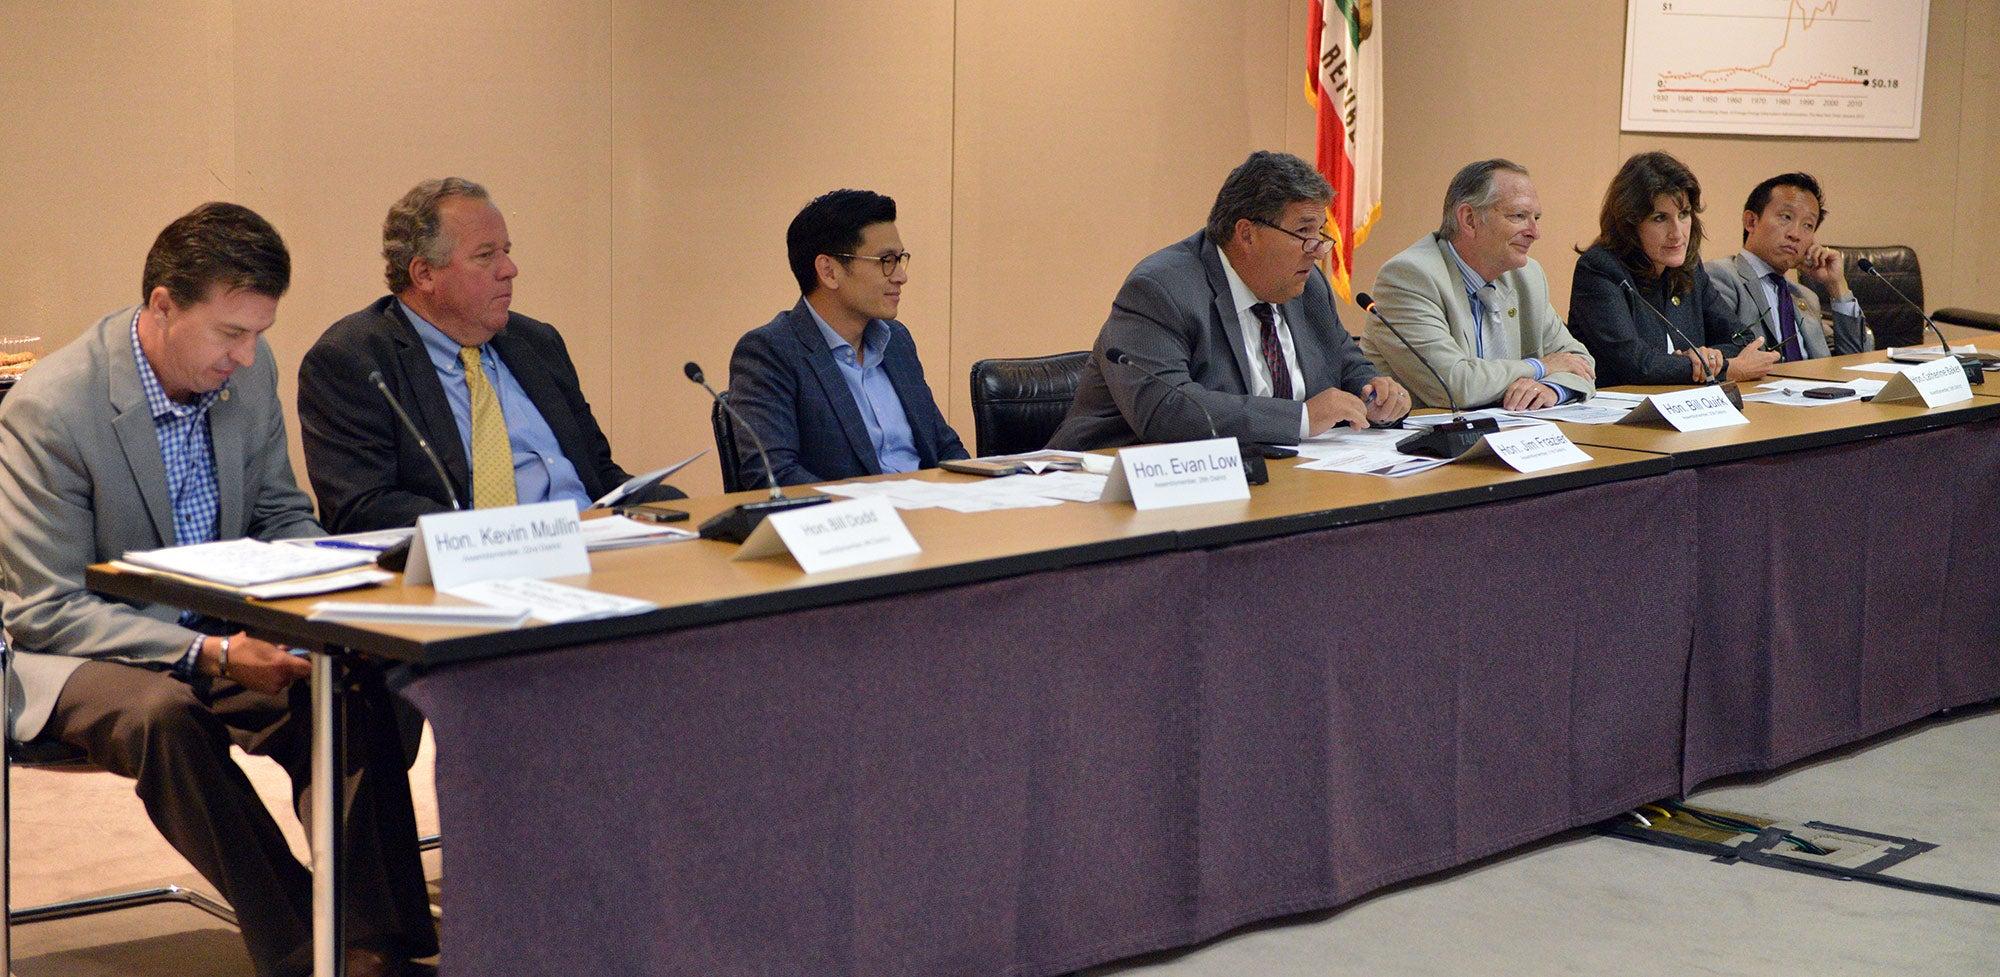 Panel of state legislators at informational hearing at 8/21/15 MTC meeting